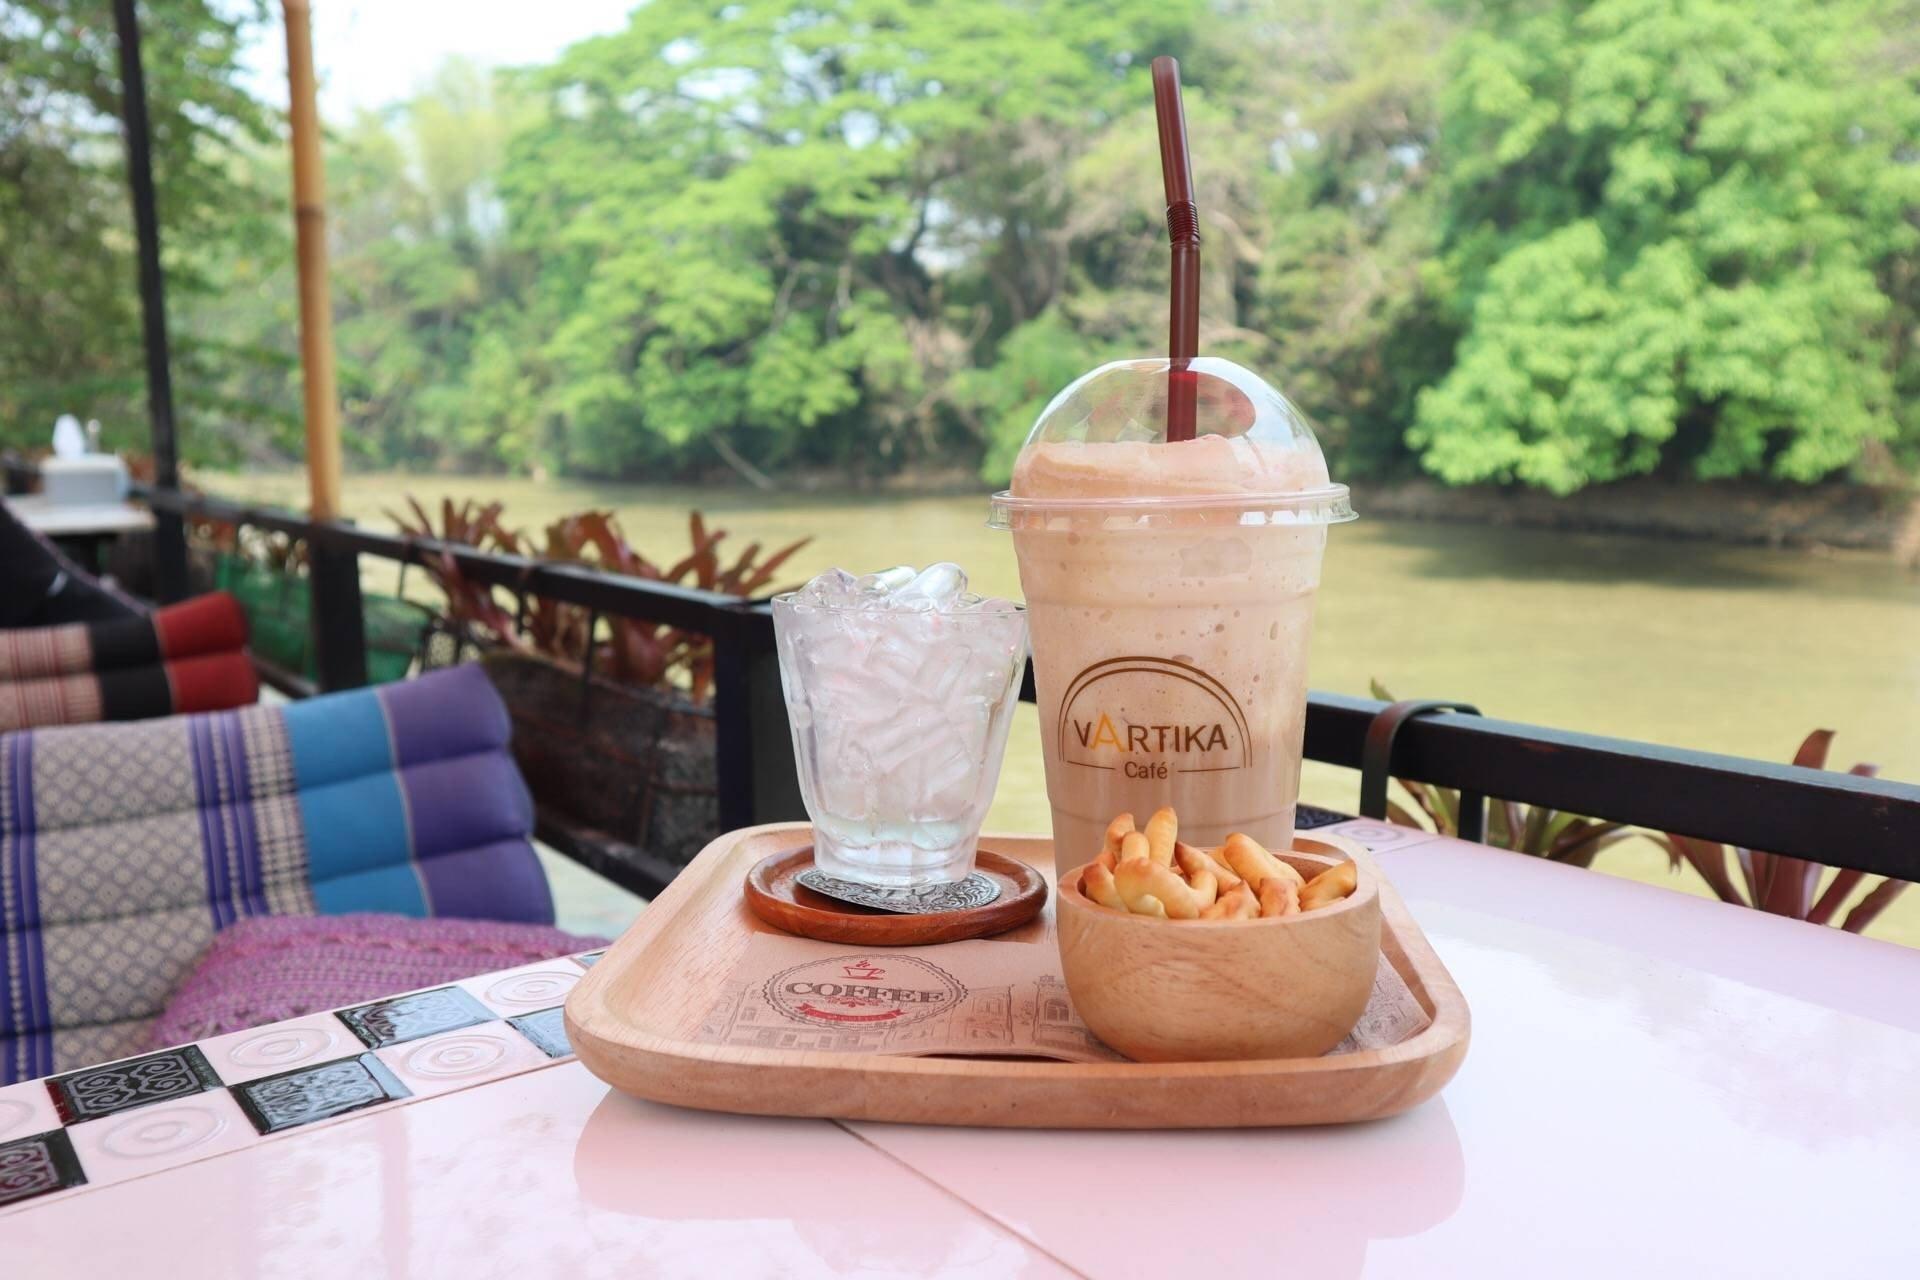 ร้าน Vartika Cafe - รีวิวร้านอาหาร - Wongnai